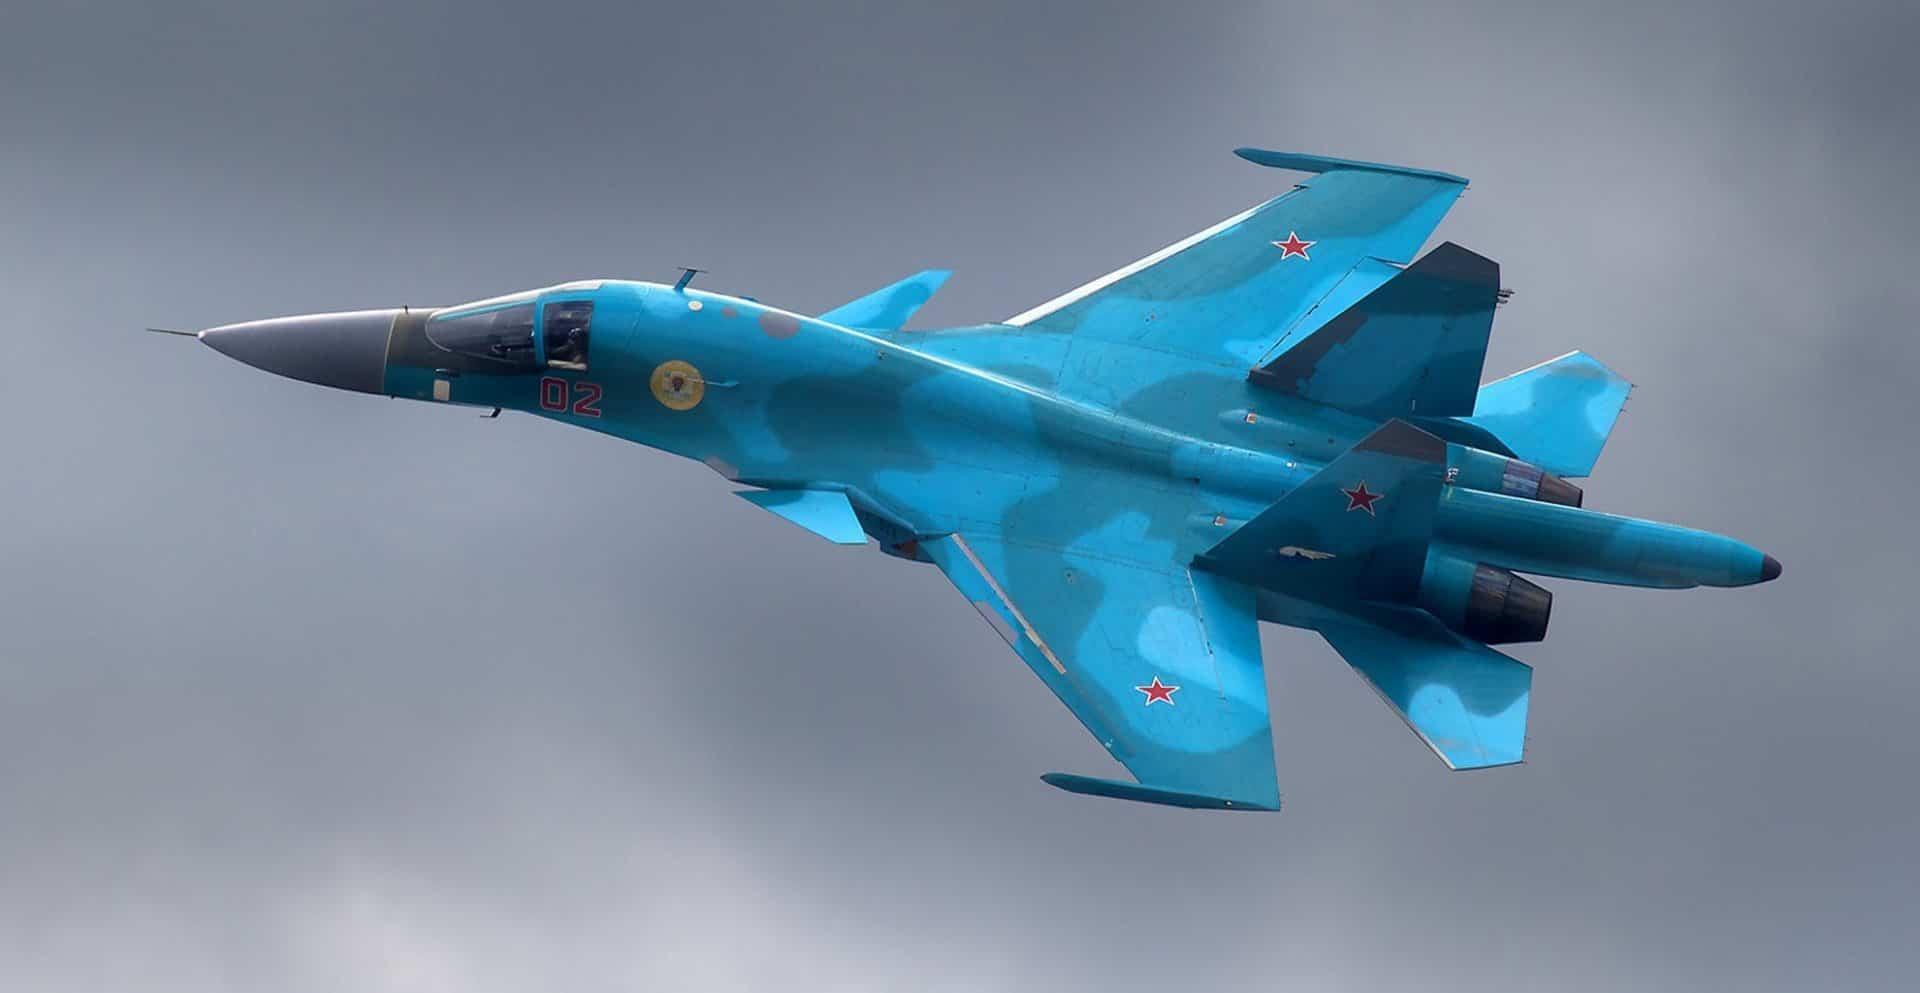 Фронтовий бомбардувальник СУ-34. Фото з відкритих джерел